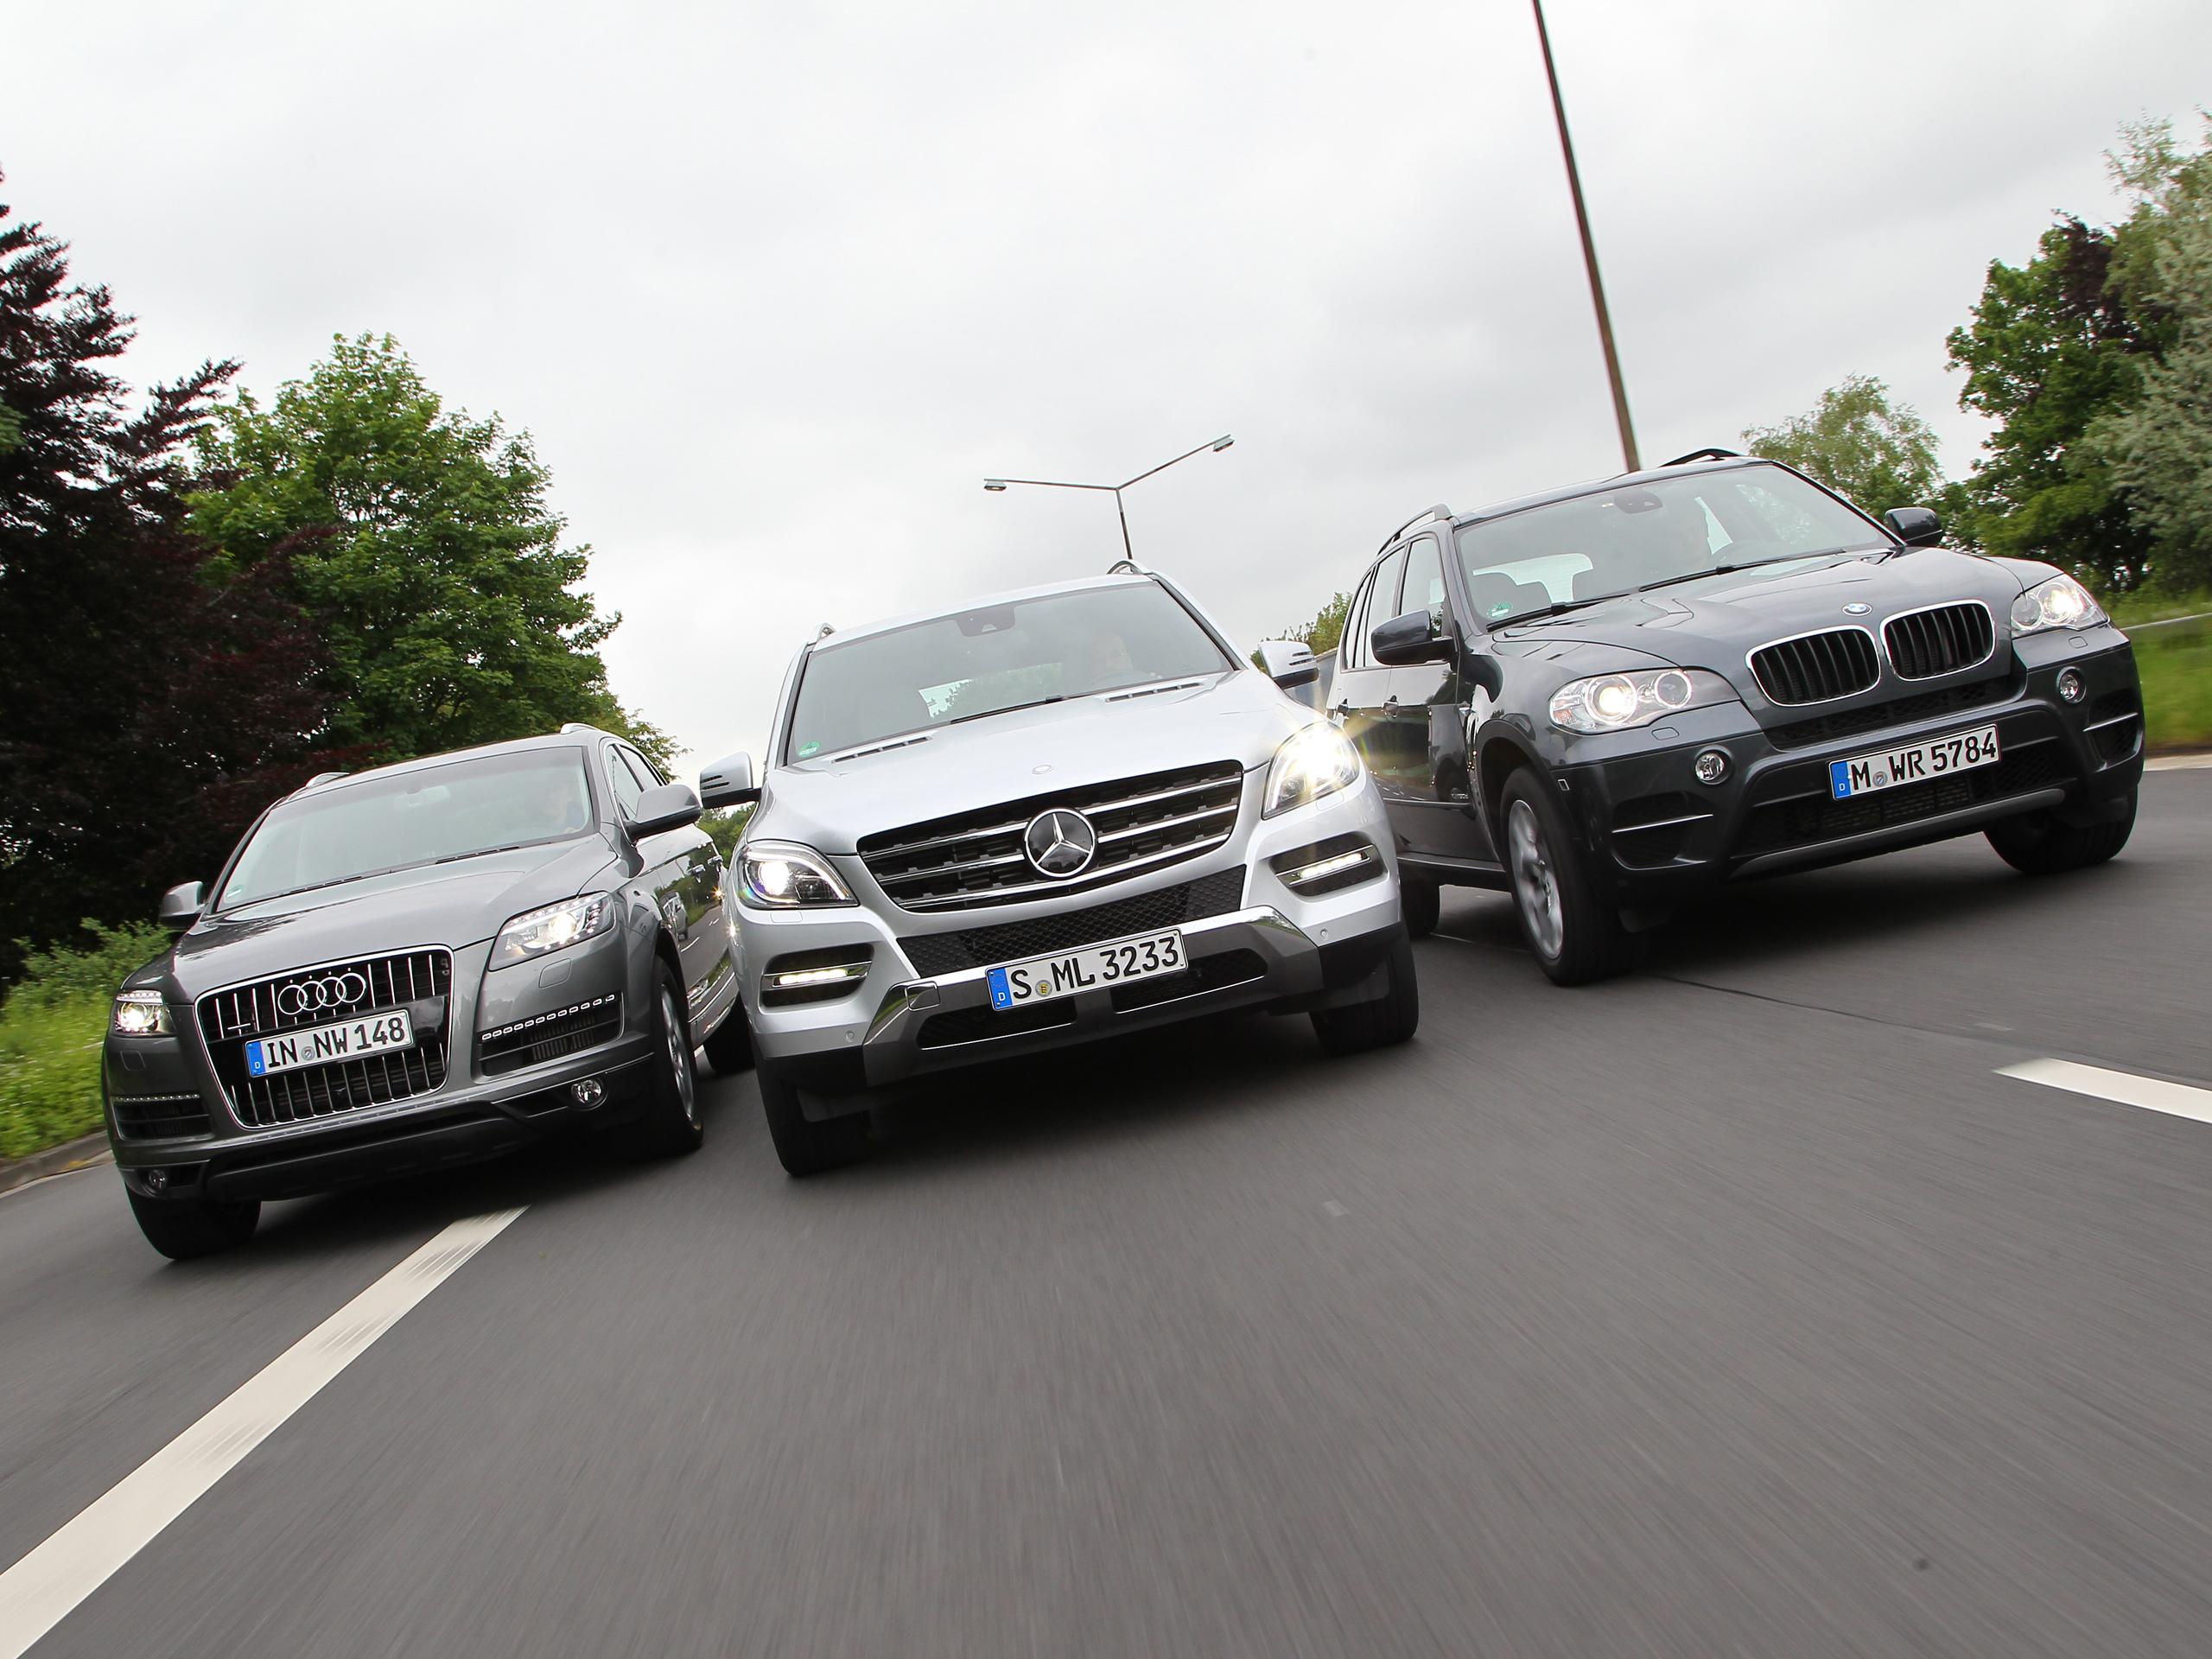 SUV Verbrauchstest Audi Q7 3 0 TDI gegen BMW X5 und Mercedes ML 350